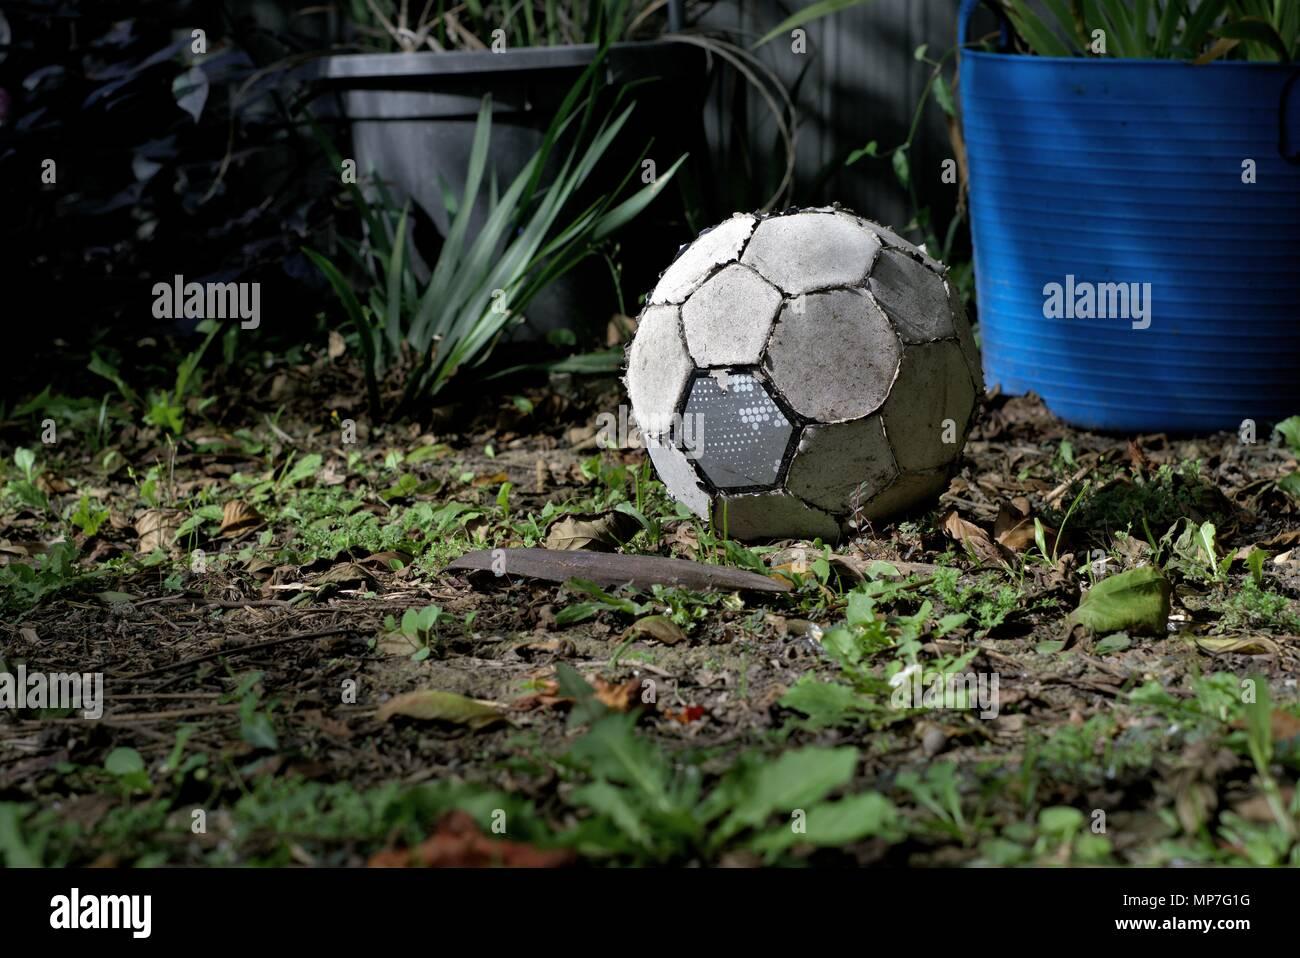 Roto viejo balón de fútbol sentar sobre el césped. Fútbol desgastados. Concepto de persona inactiva o inútil objeto. Foto de stock